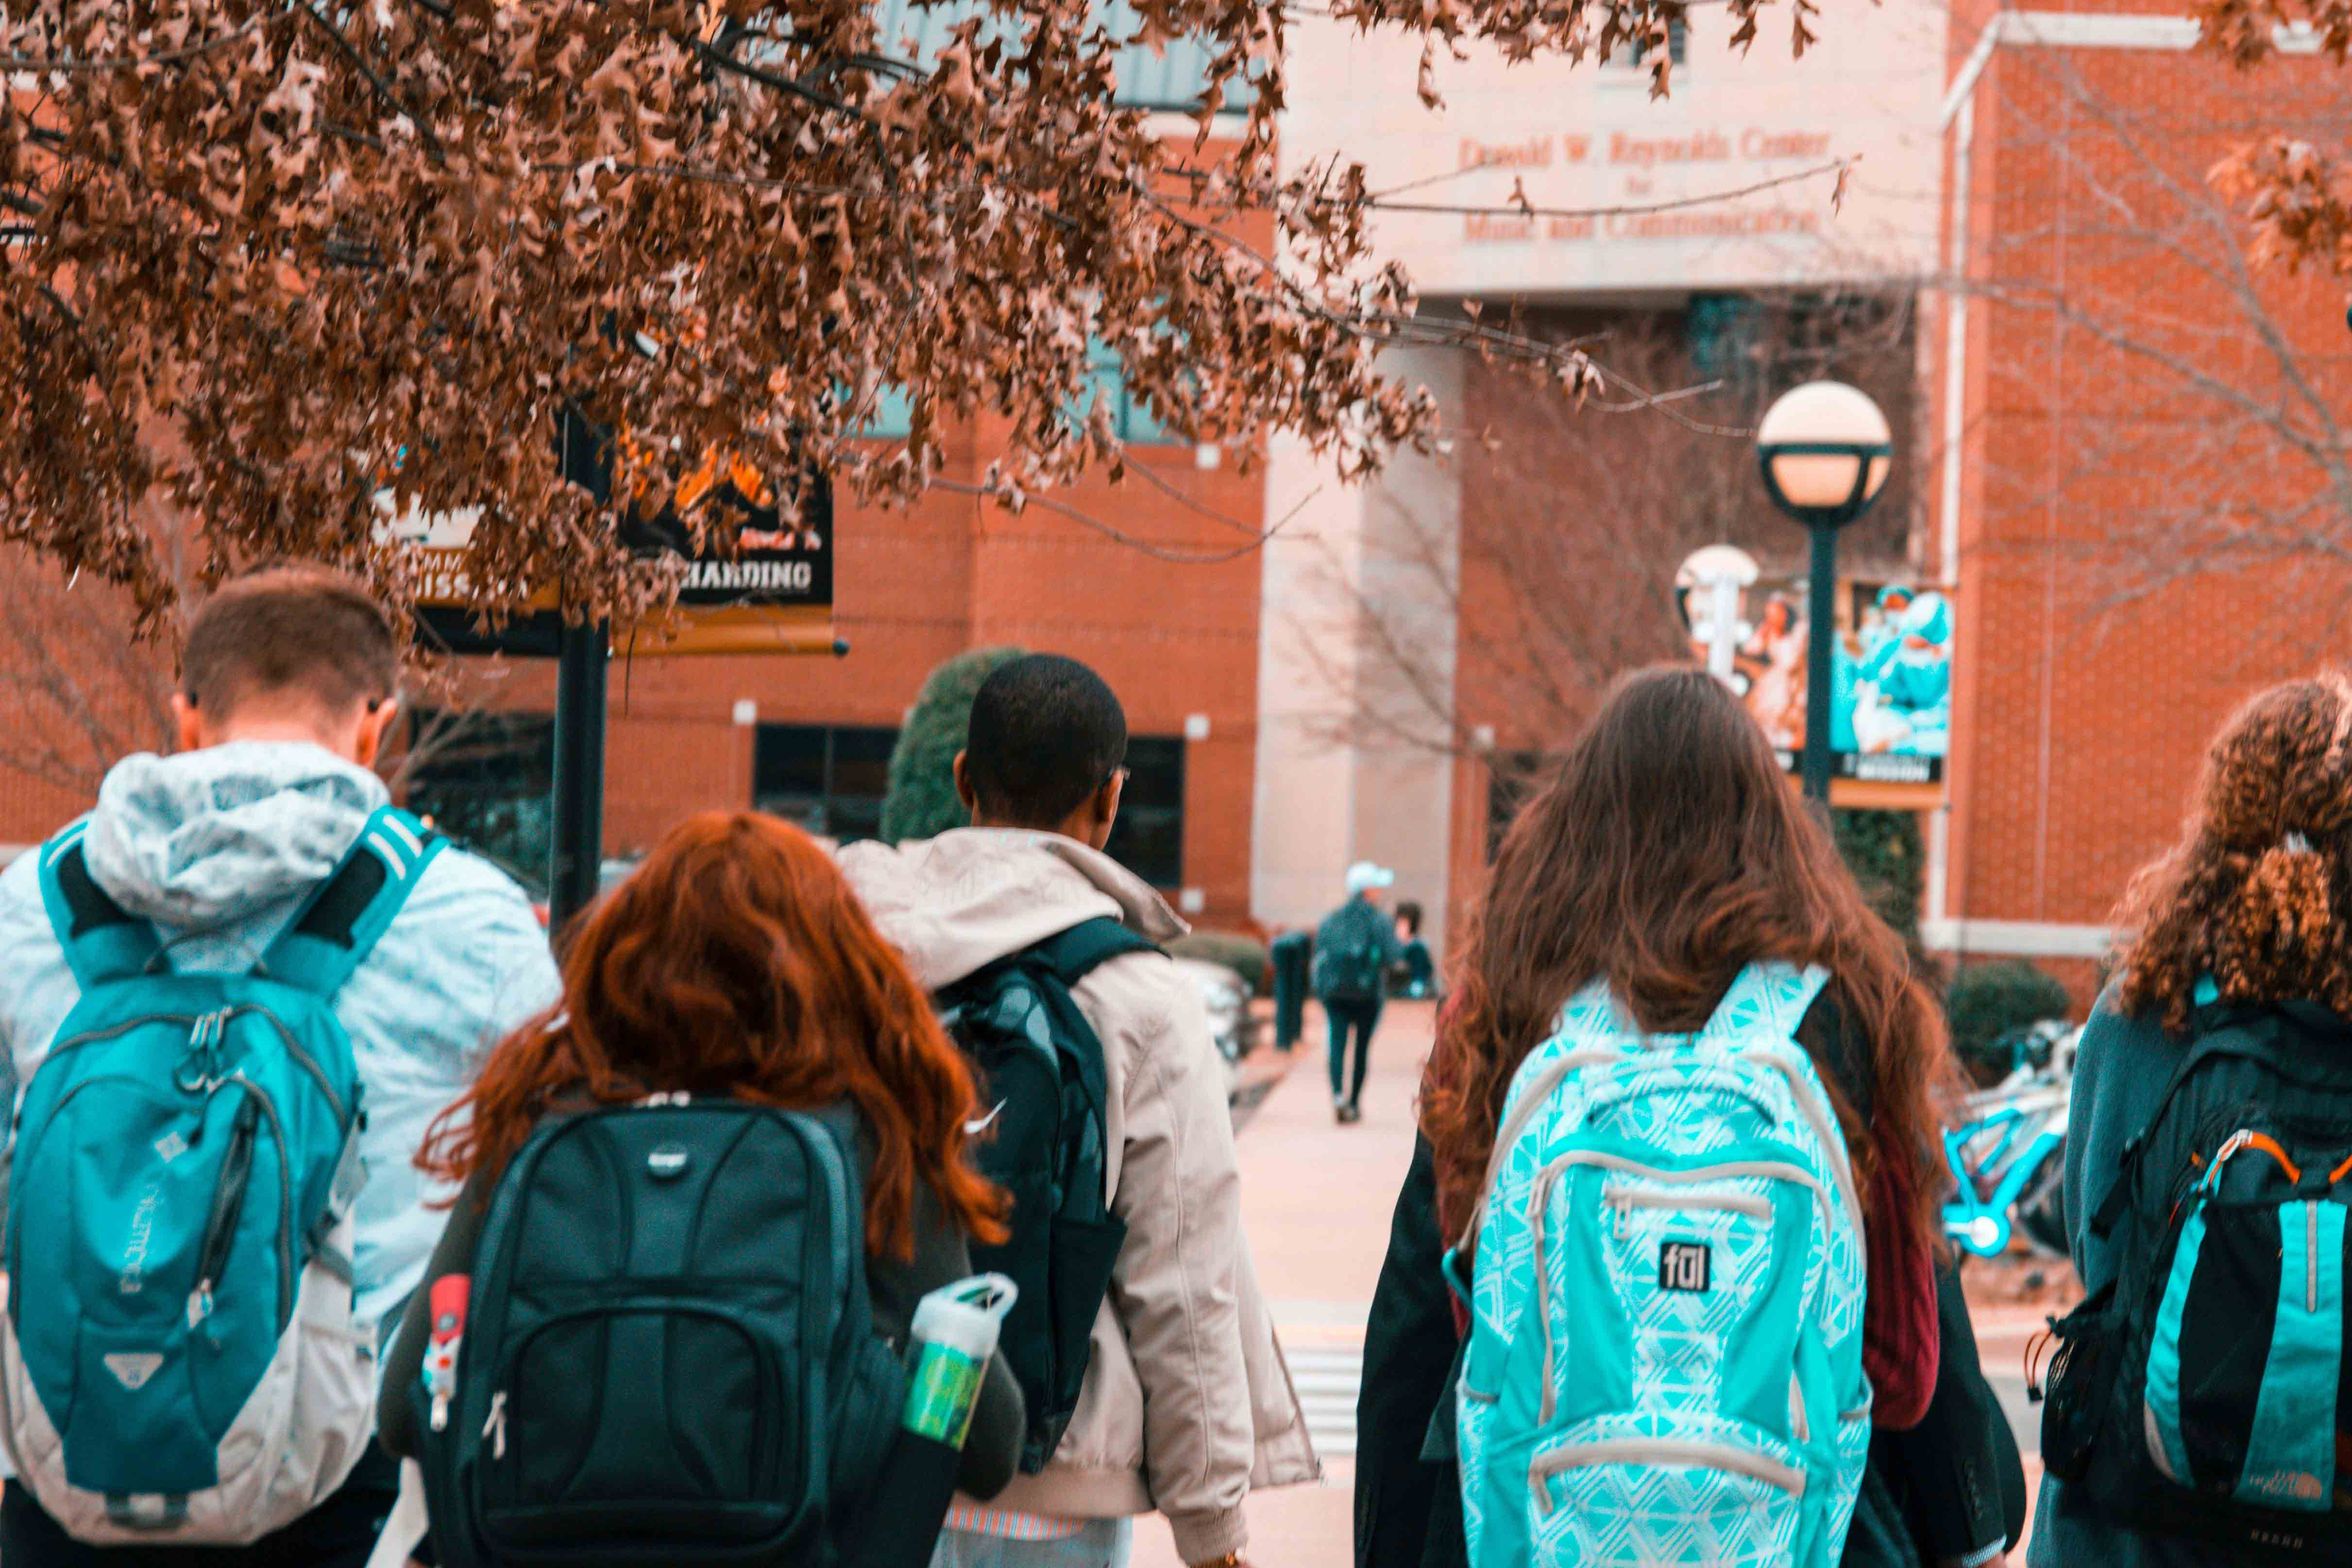 Regresso às aulas: 9 essenciais para o novo ano letivo